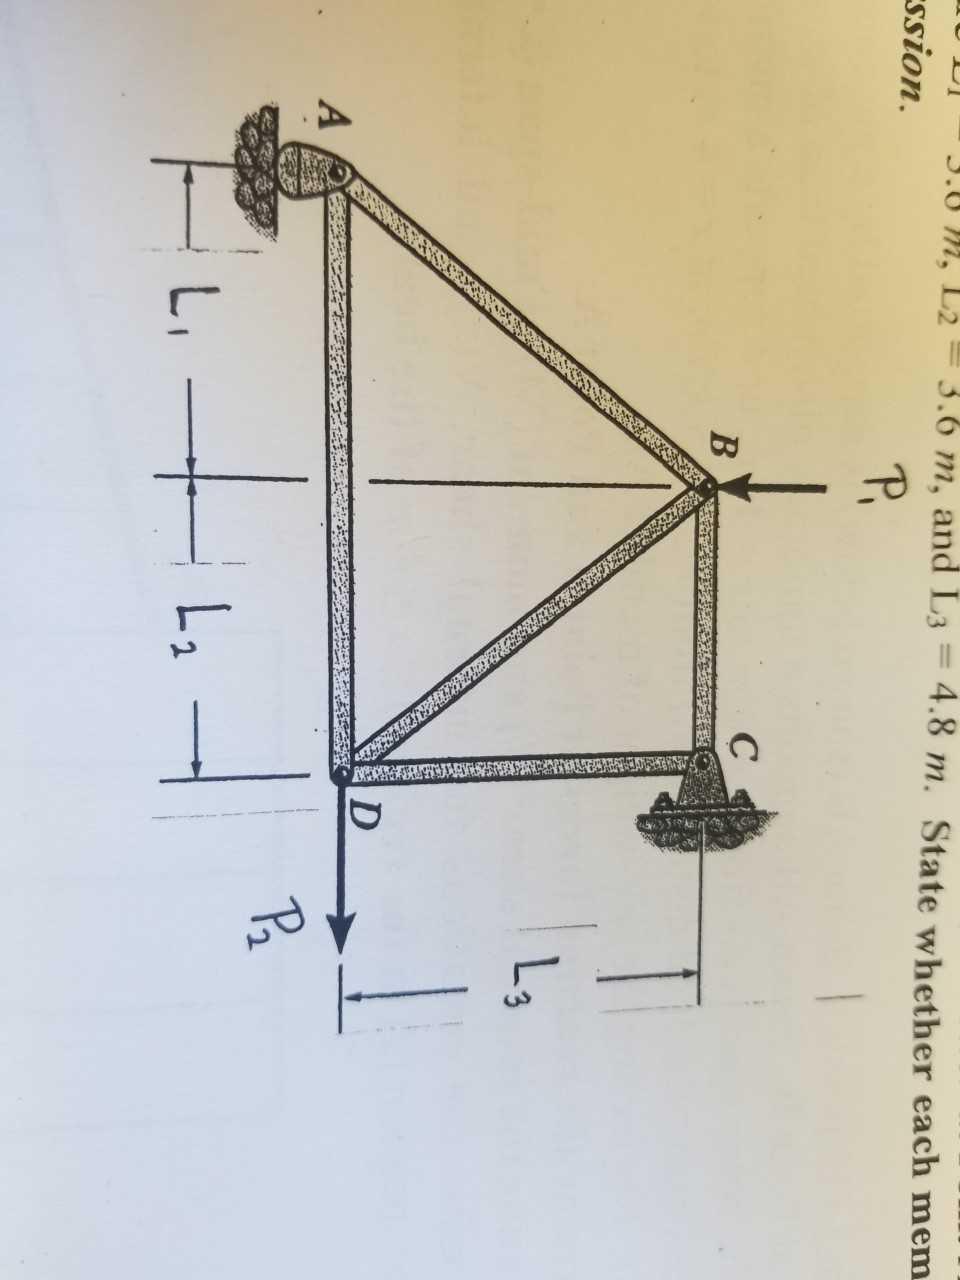 3.0 m, L2 3.6 m, and L3 4.8 m. State whether each mem ssion. P. C B Lg D A L2